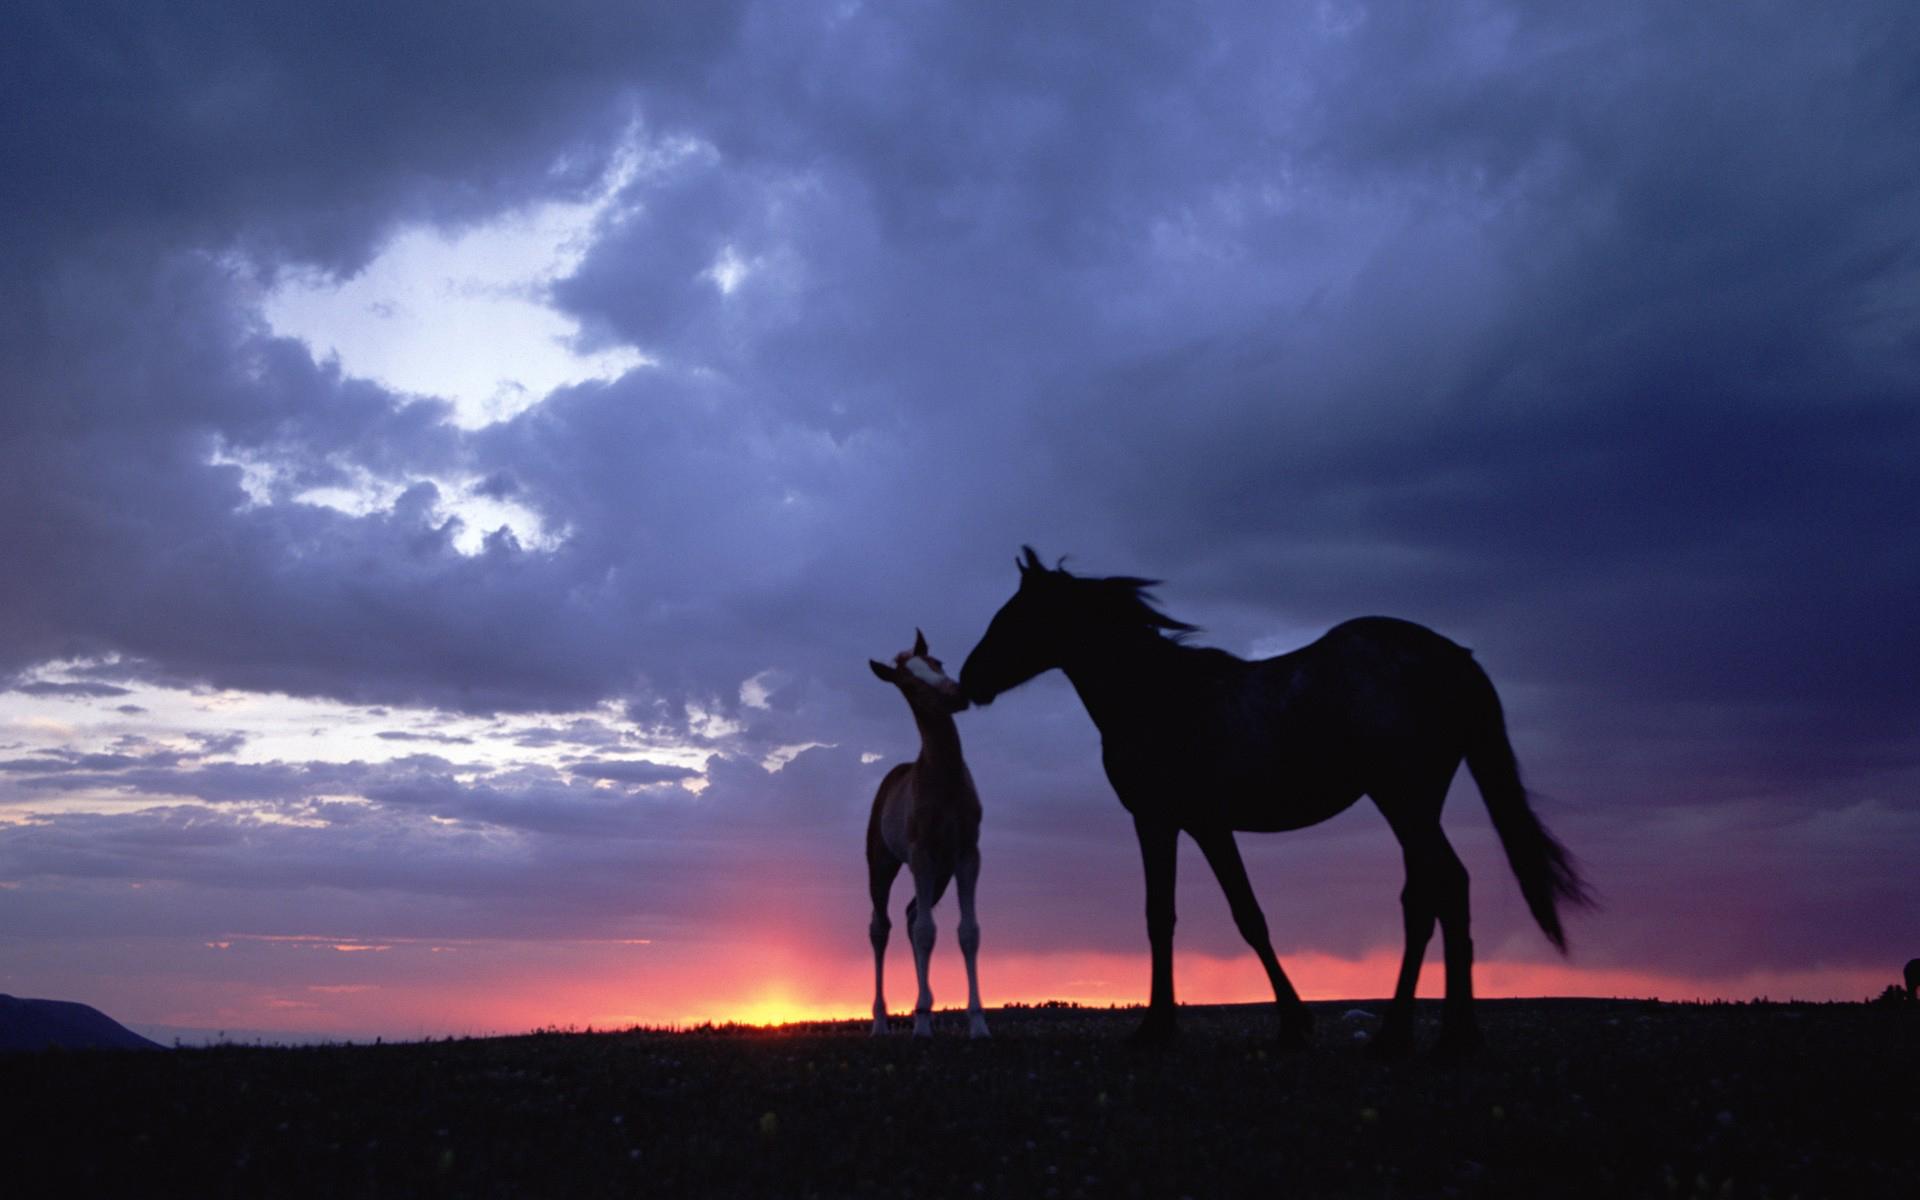 лошади тени ночь  № 359530 загрузить